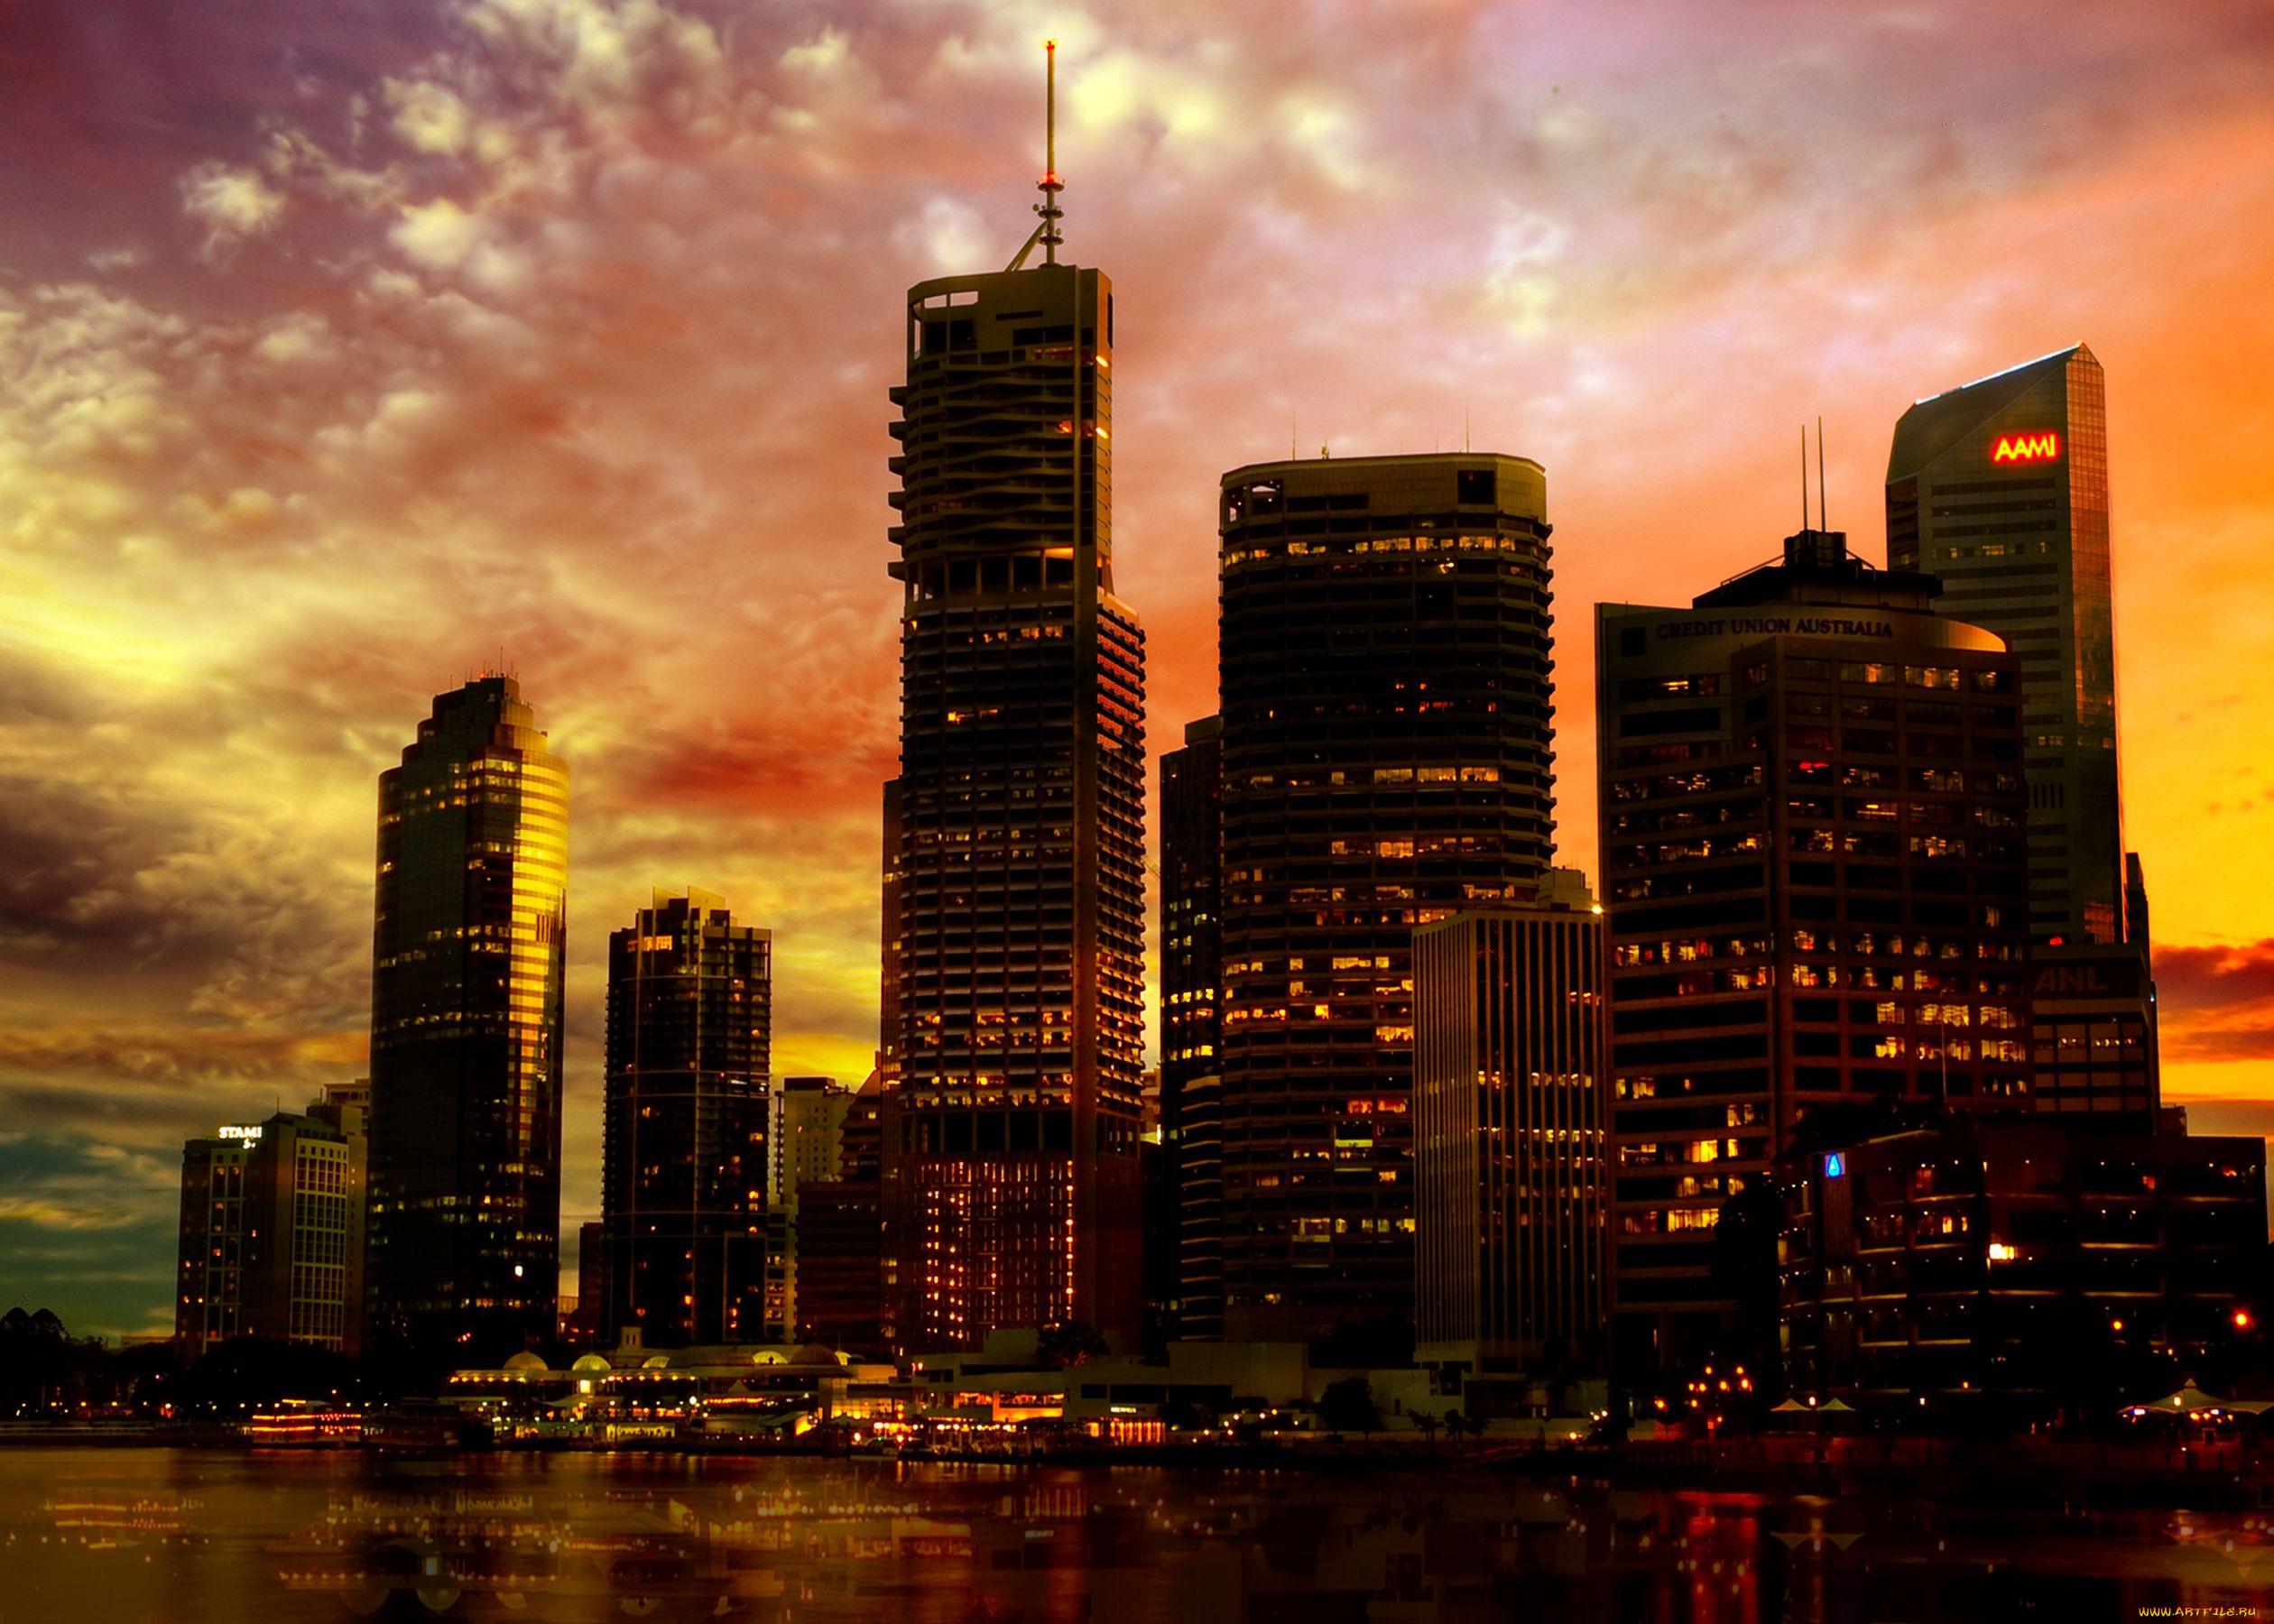 Мчс город находка официальный сайт фото